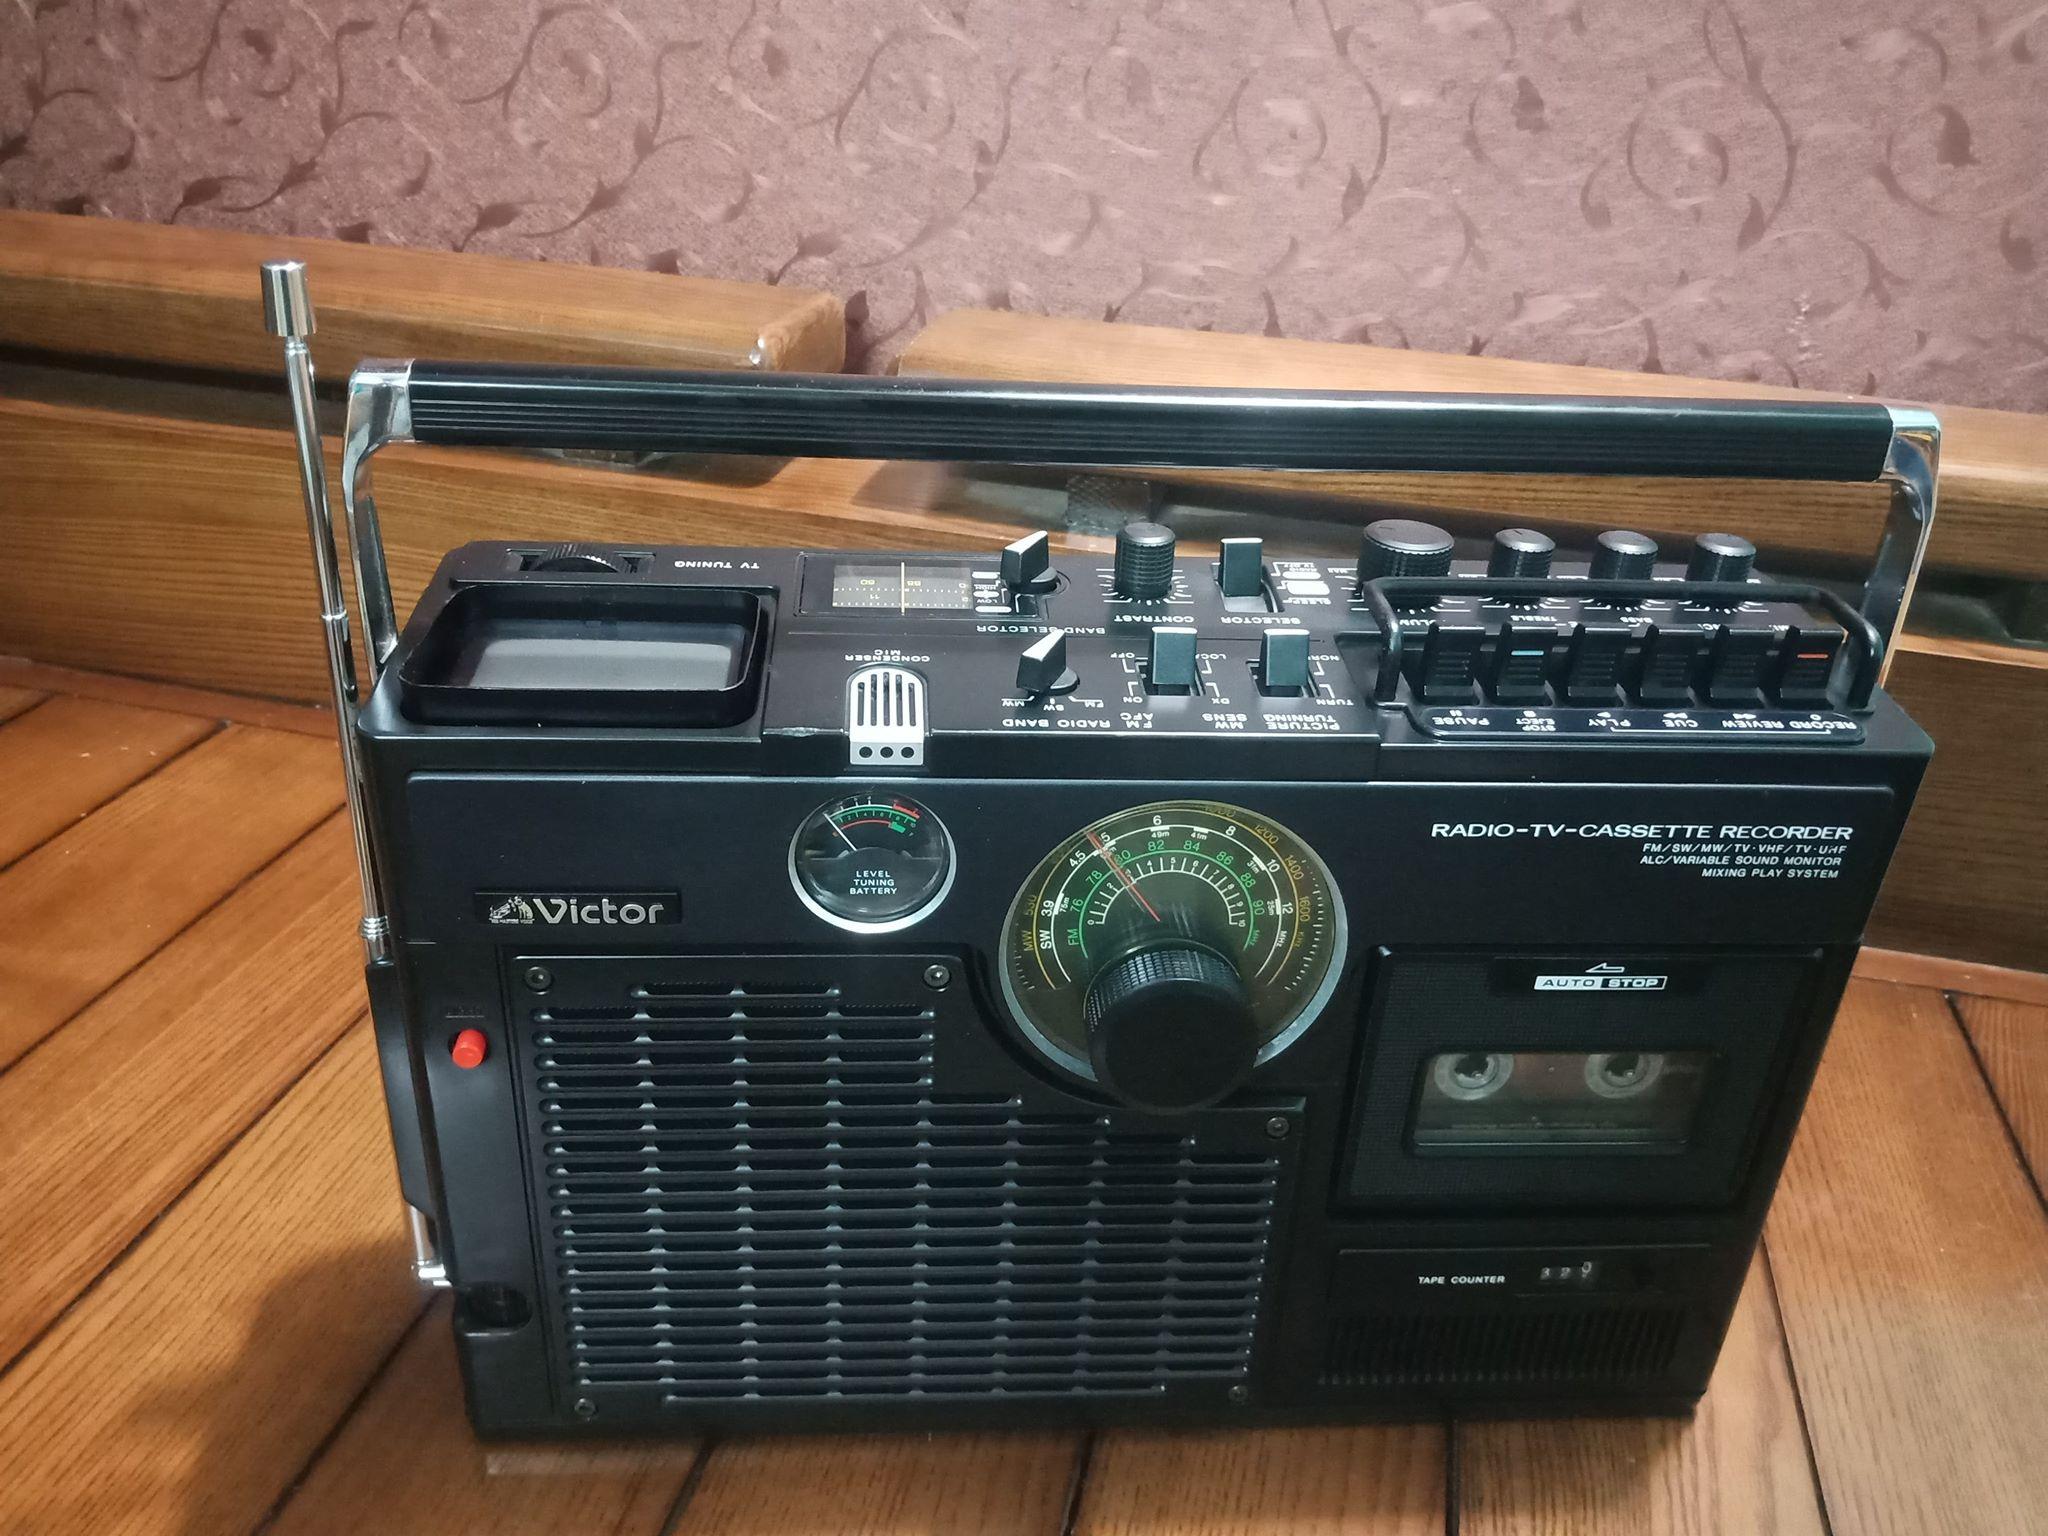 Bộ sưu tập cassette cũ trị giá gần 300 triệu đồng của tay chơi Hà Nam - 4